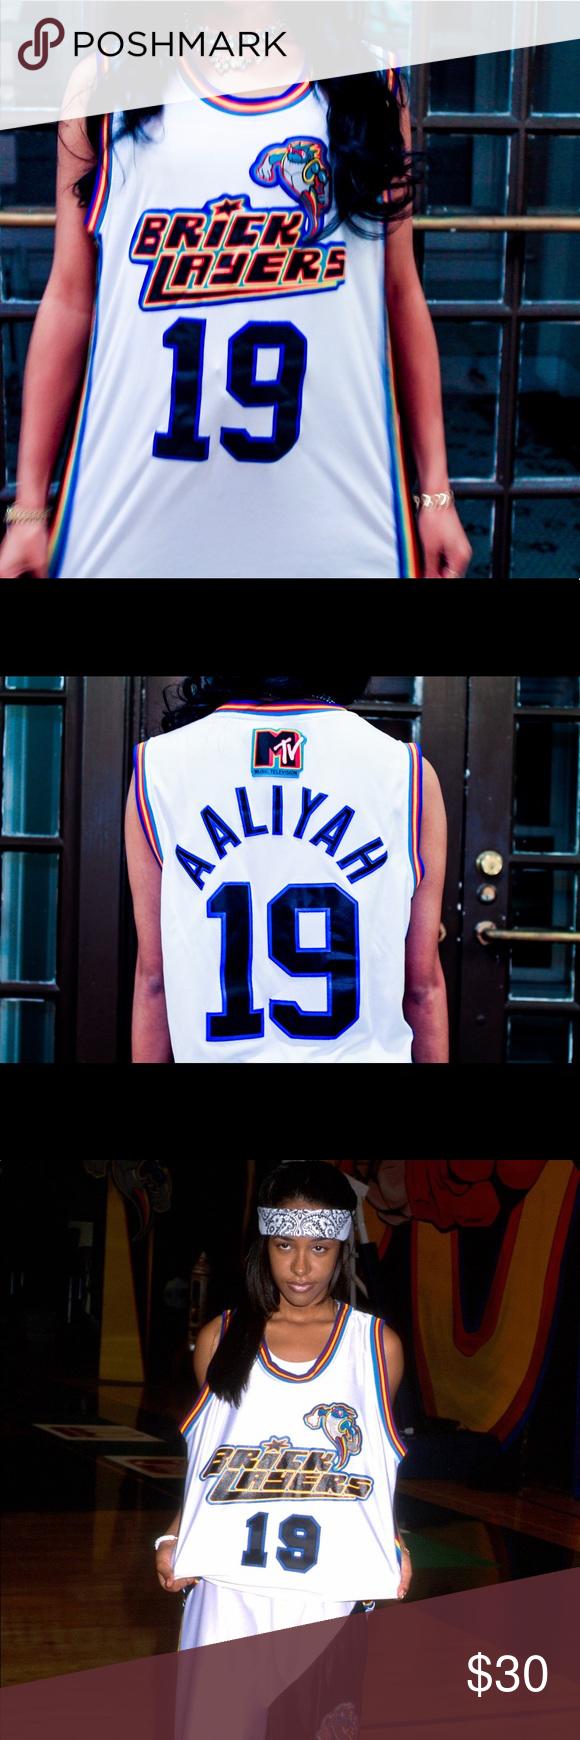 Aaliyah Bricklayers Basketball Jersey 🔥 🔥Aaliyah Bricklayers Basketball  Jersey🔥 sponsored by MTV ( 052a845dde